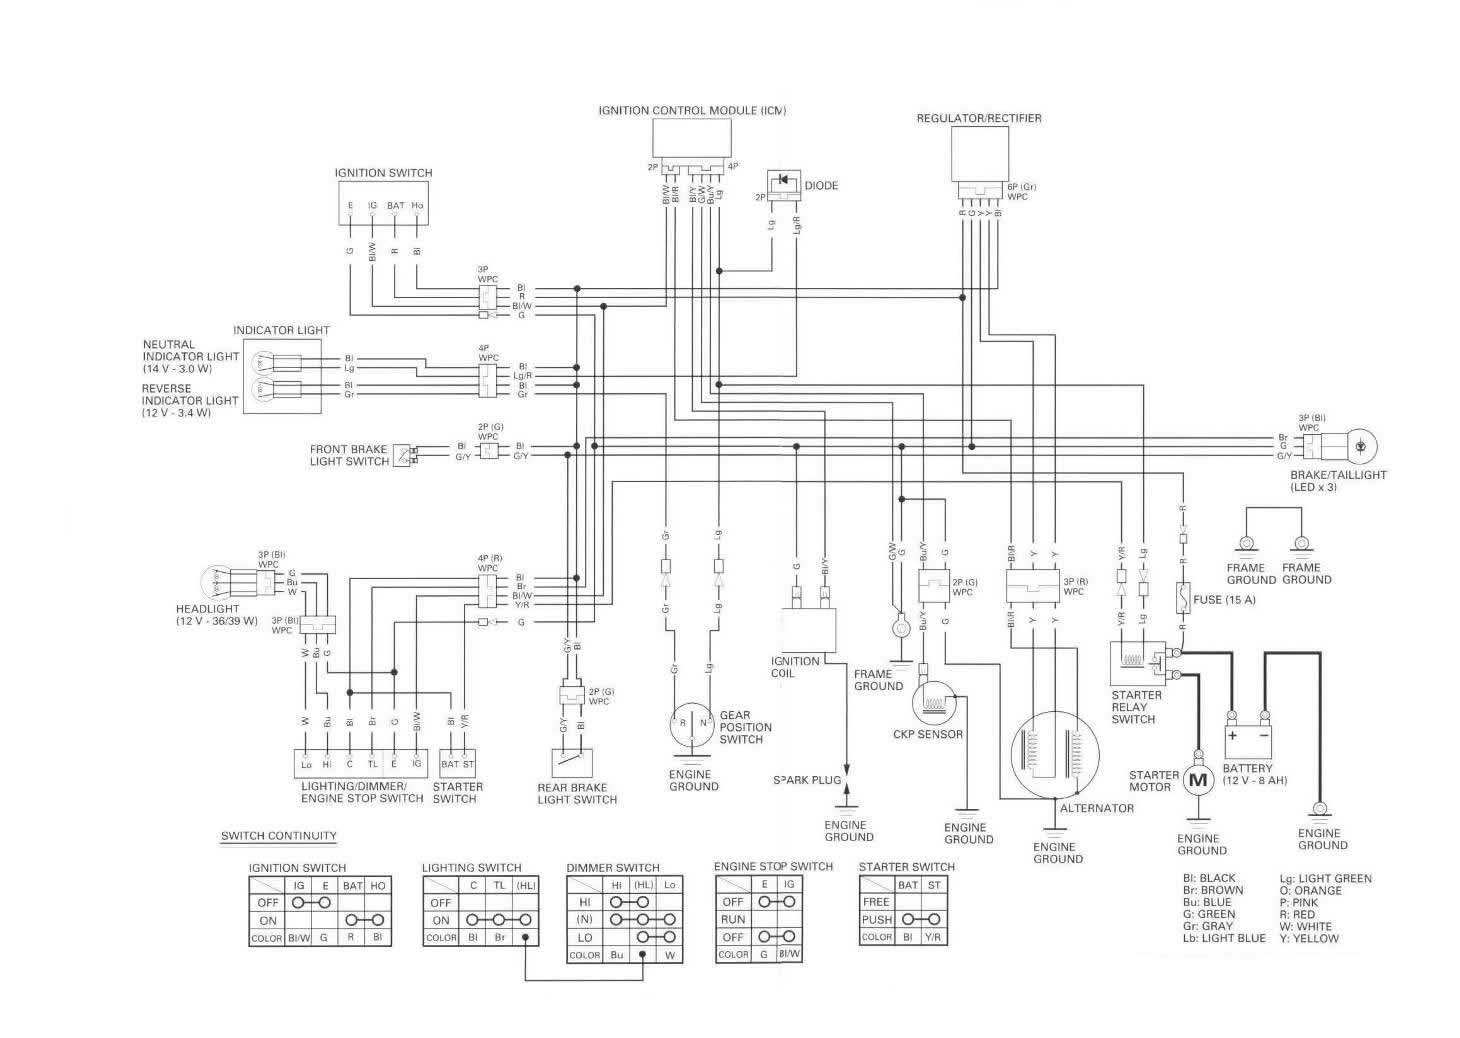 Honda 420 Rancher 4x4 Wiring Schematic F650 Fuse Box For Wiring Diagram Schematics